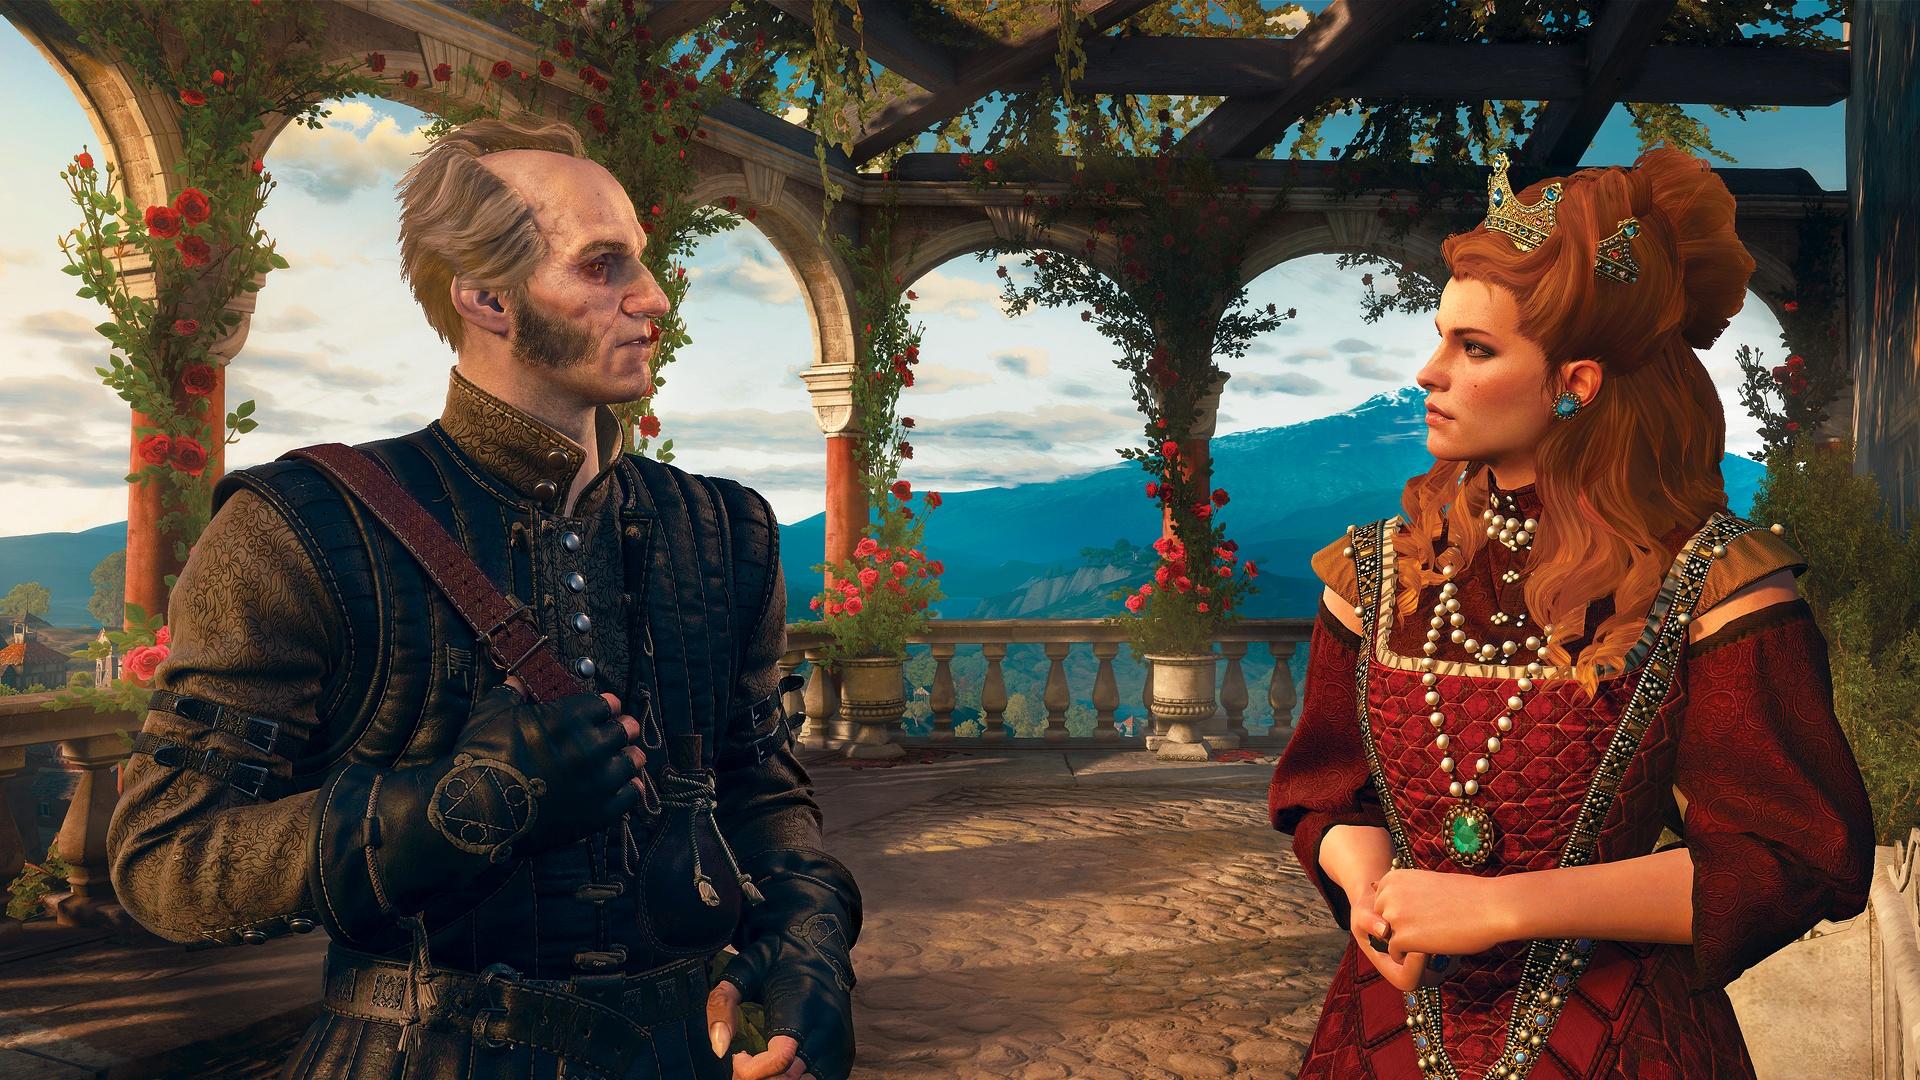 Регис и Анна Генриетта - Witcher 3: Wild Hunt, the